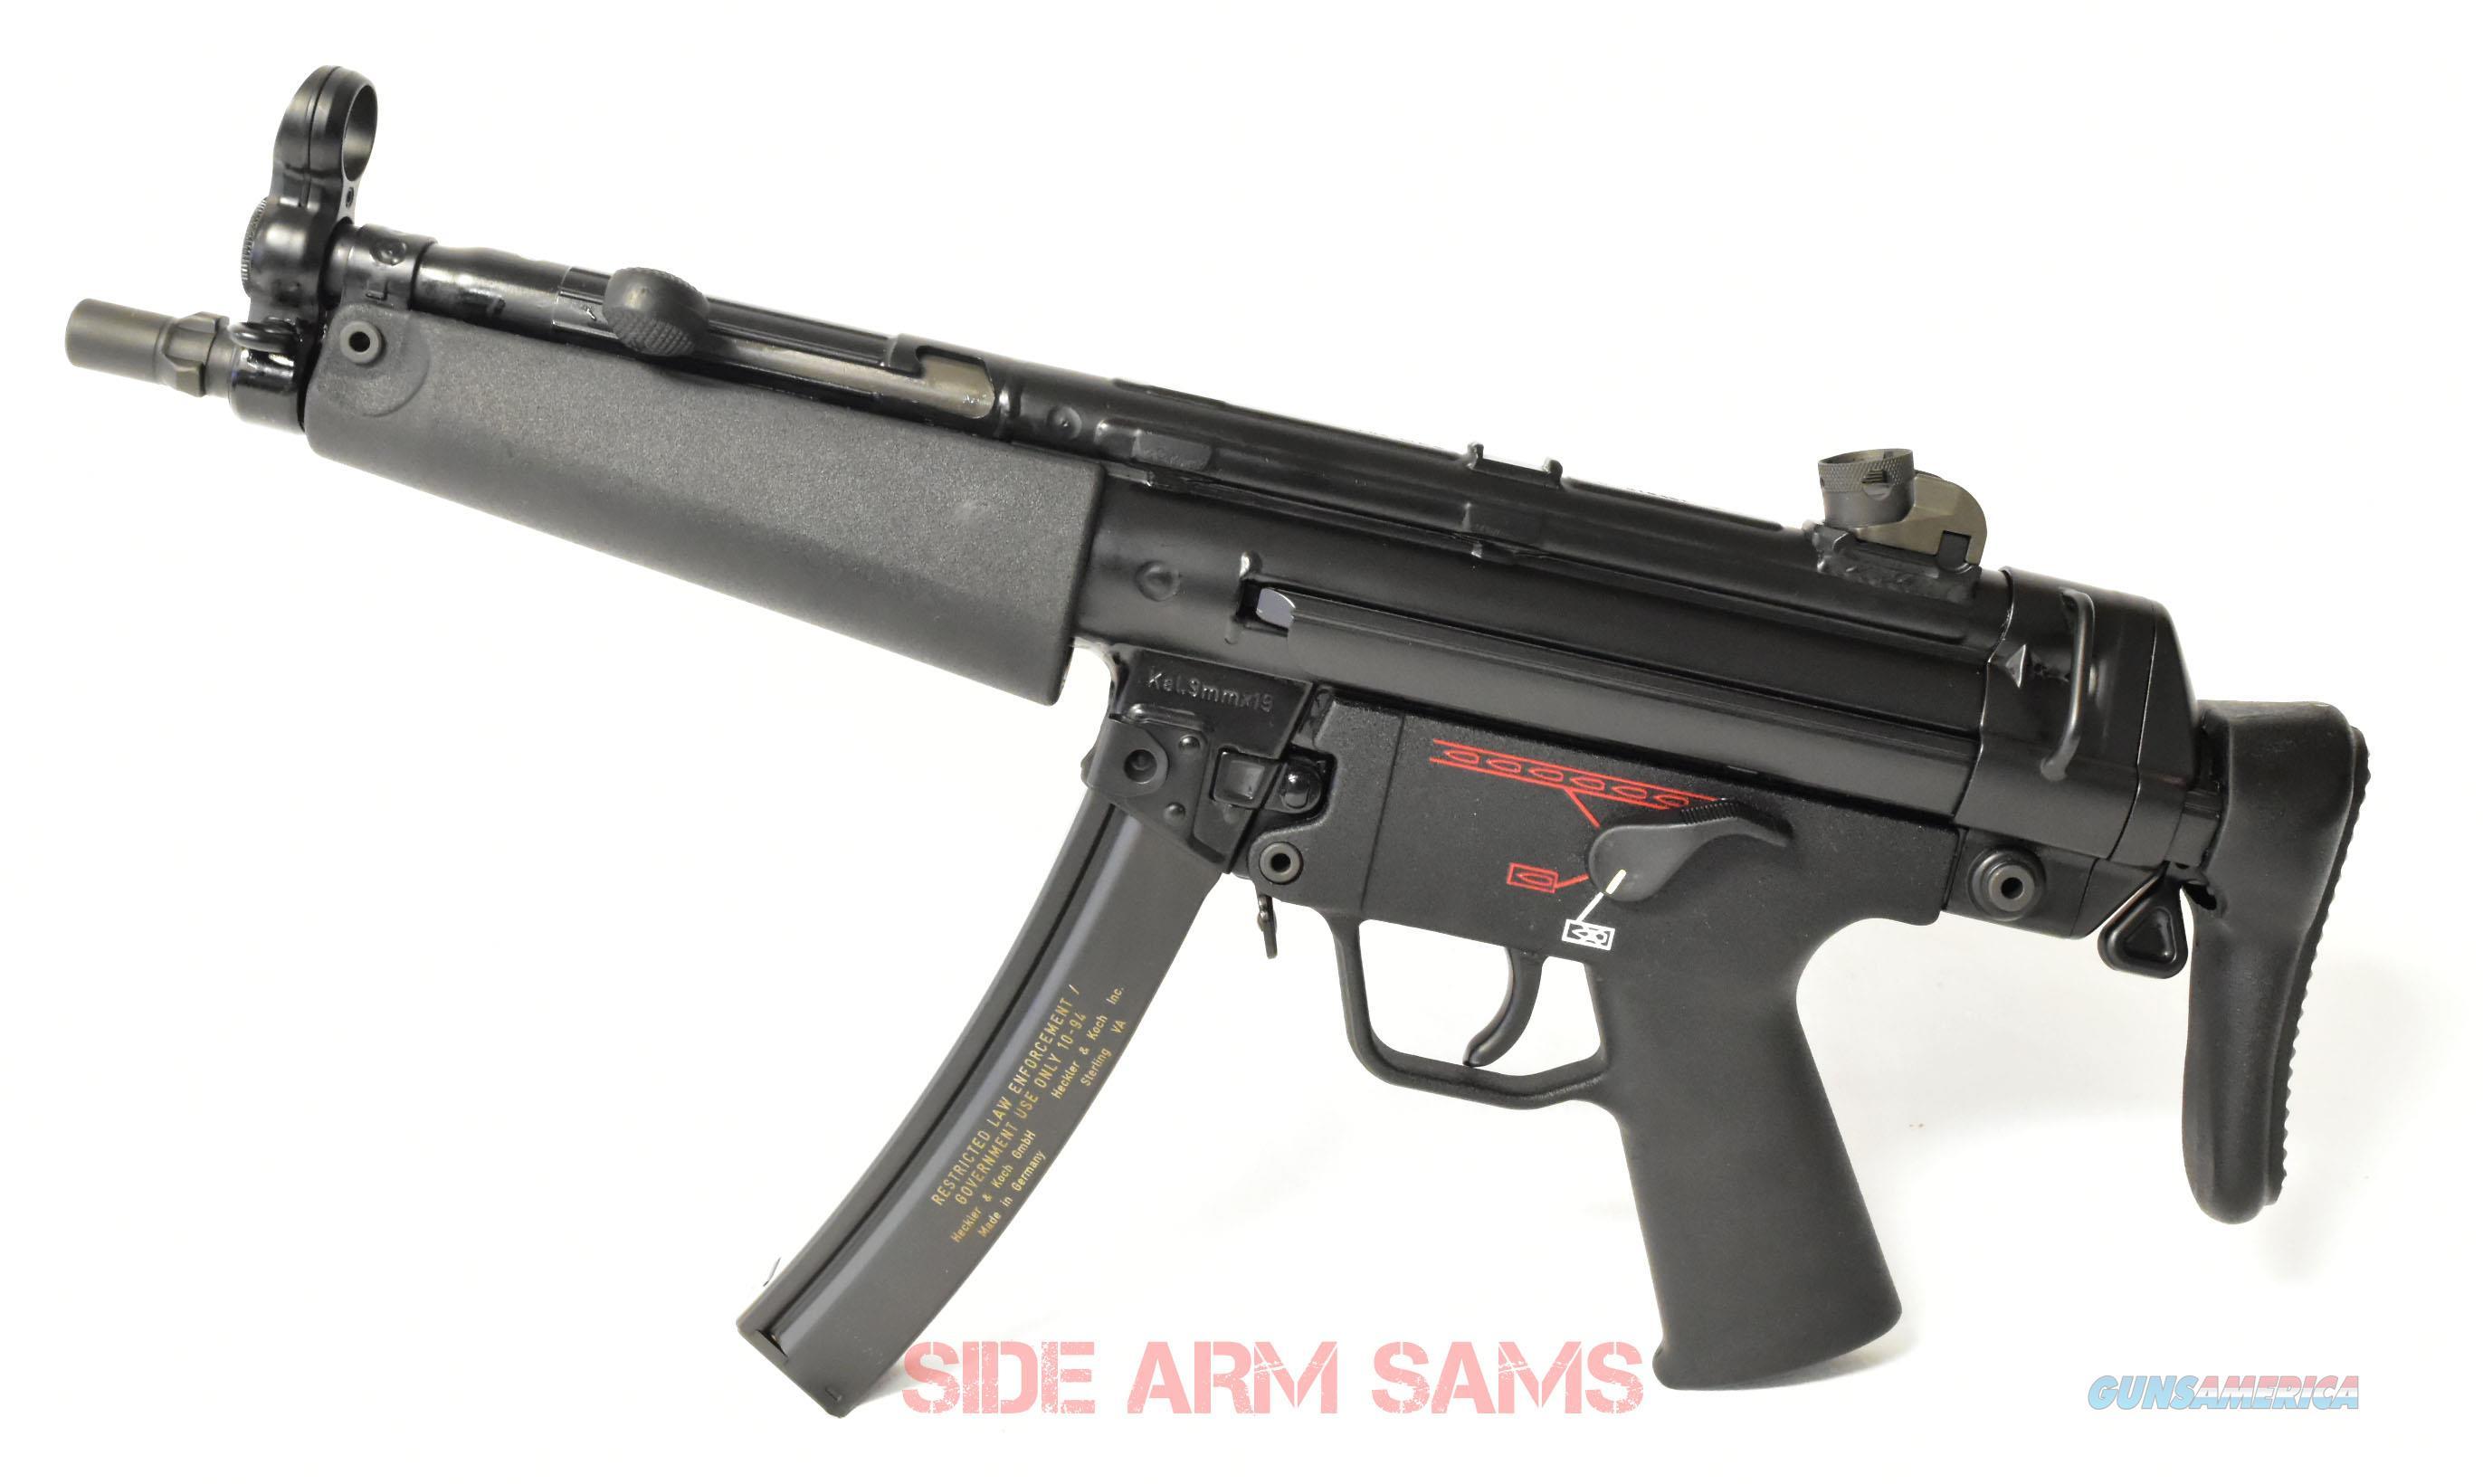 Excellent Condition MP5A3 9mm Pre-Sample Sub-machine Gun  Guns > Rifles > Class 3 Rifles > Class 3 Subguns